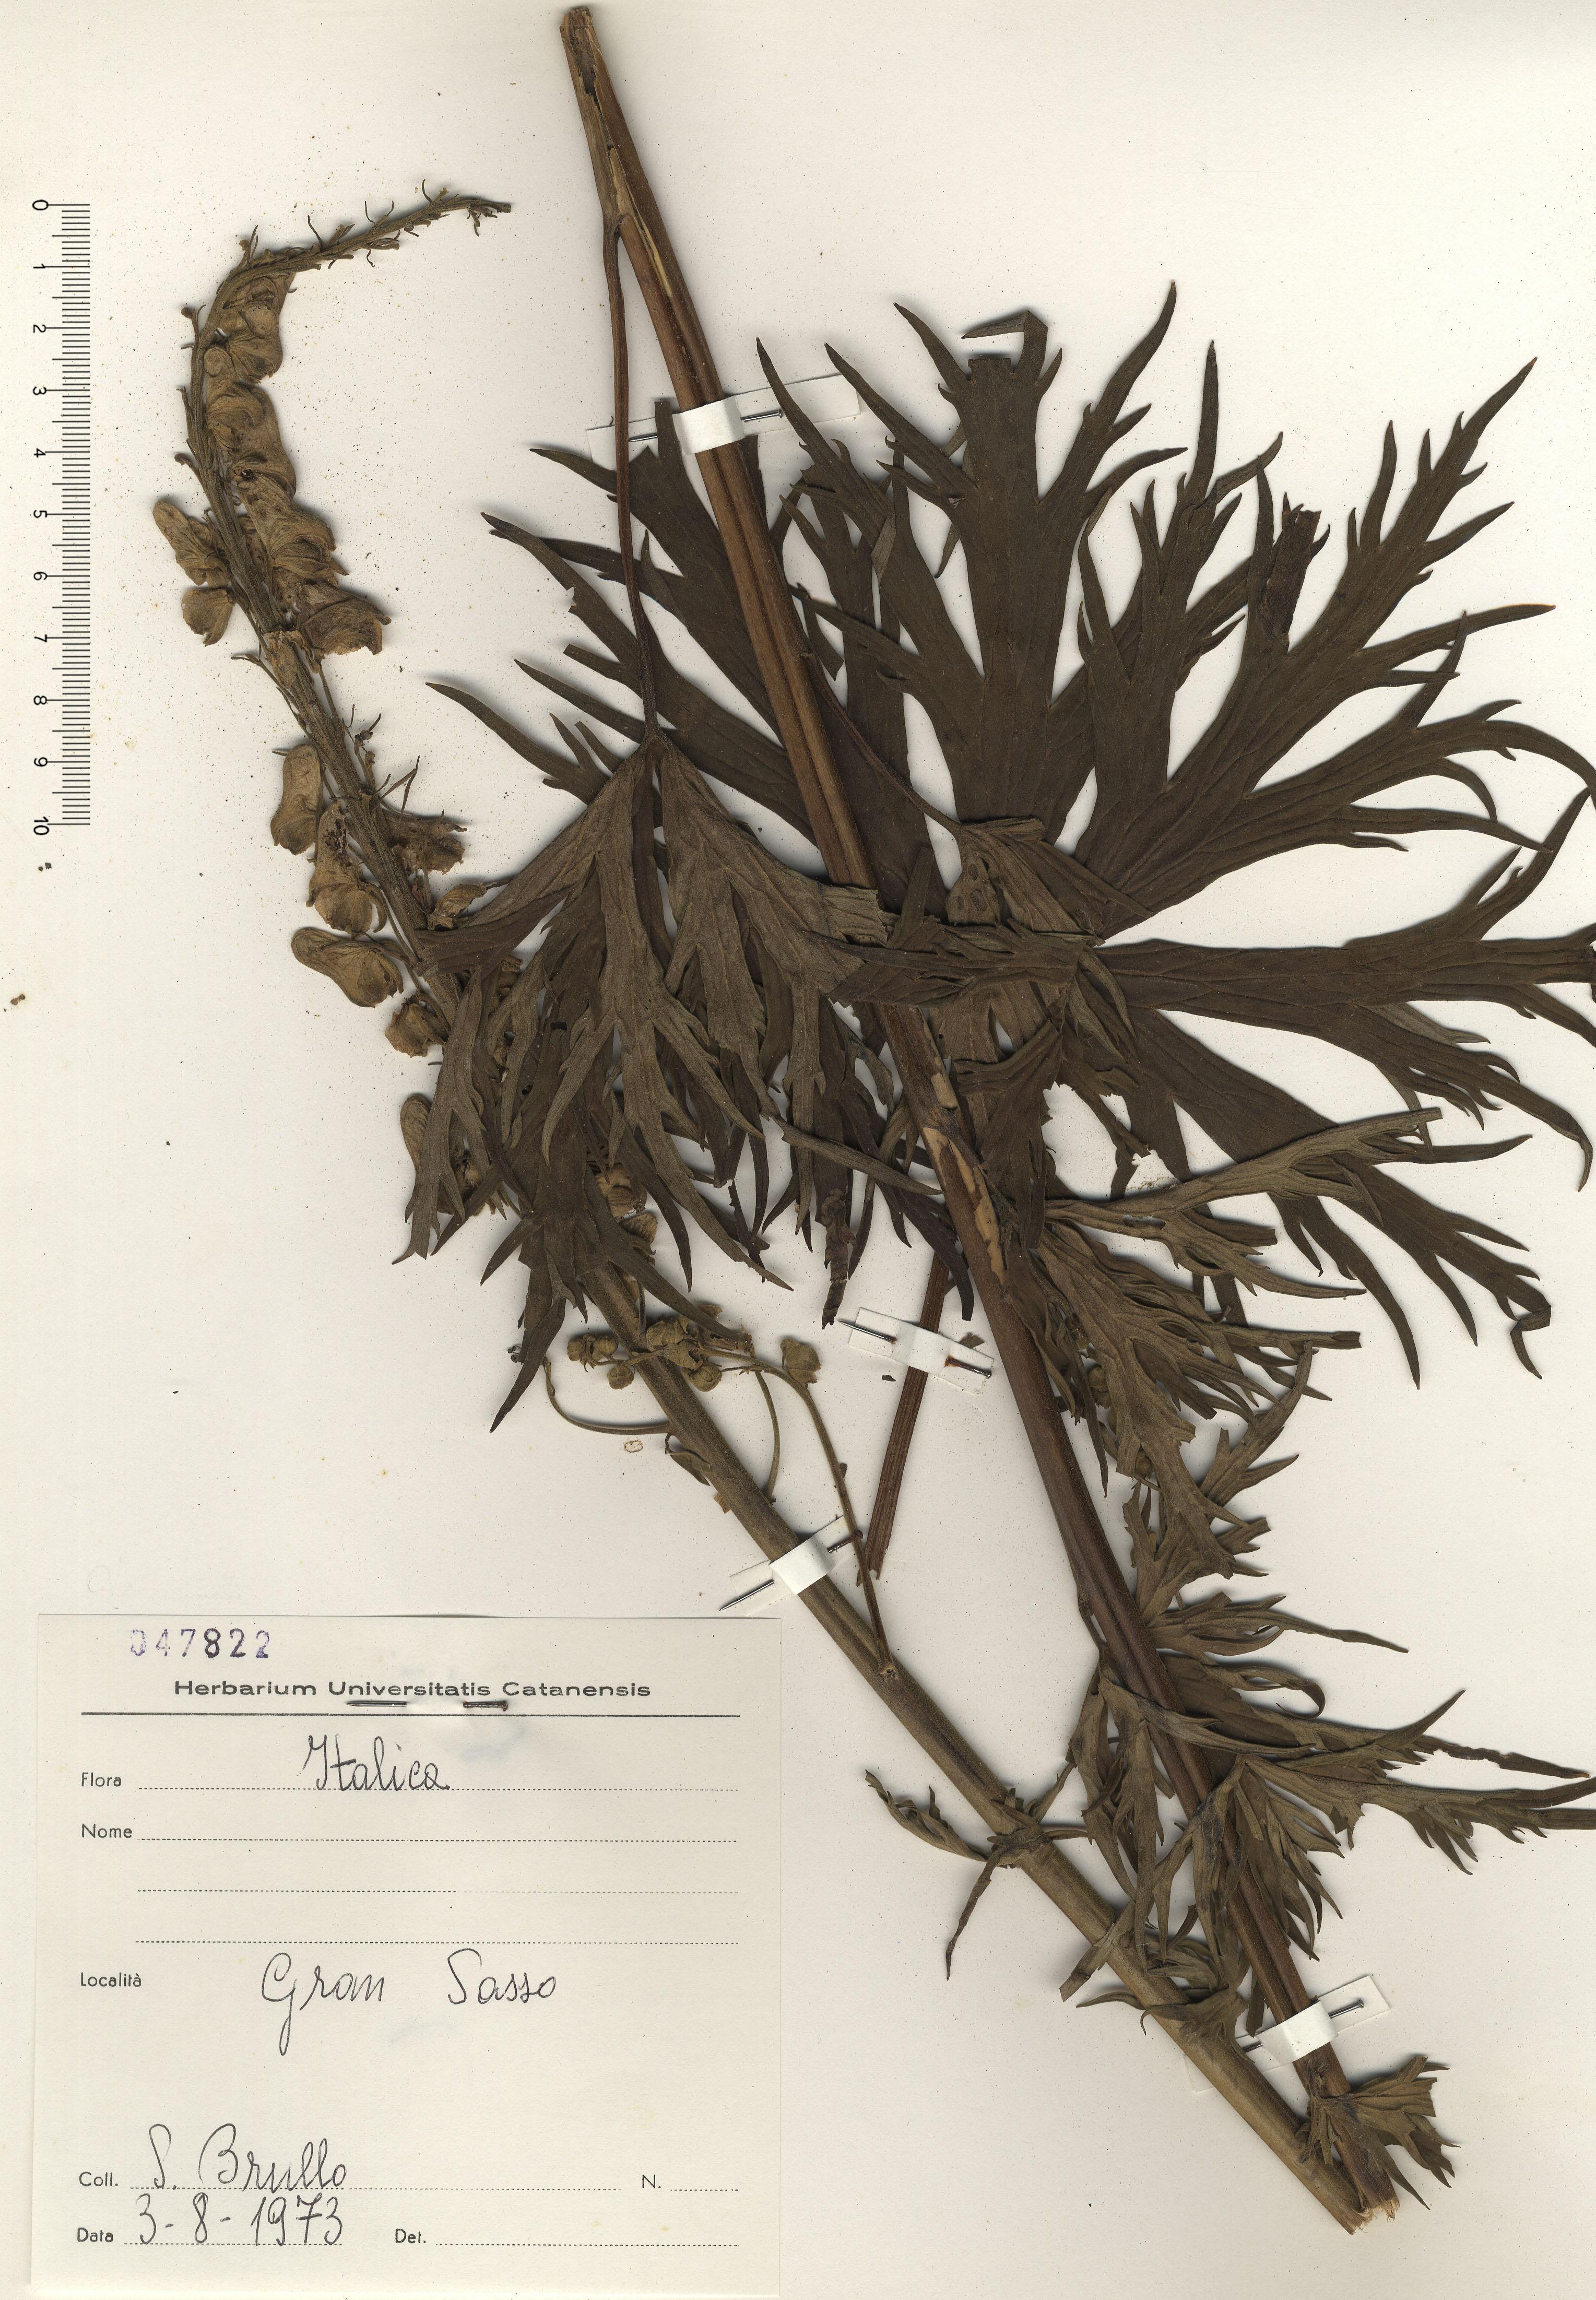 © Hortus Botanicus Catinensis - Herb. sheet 047882<br>